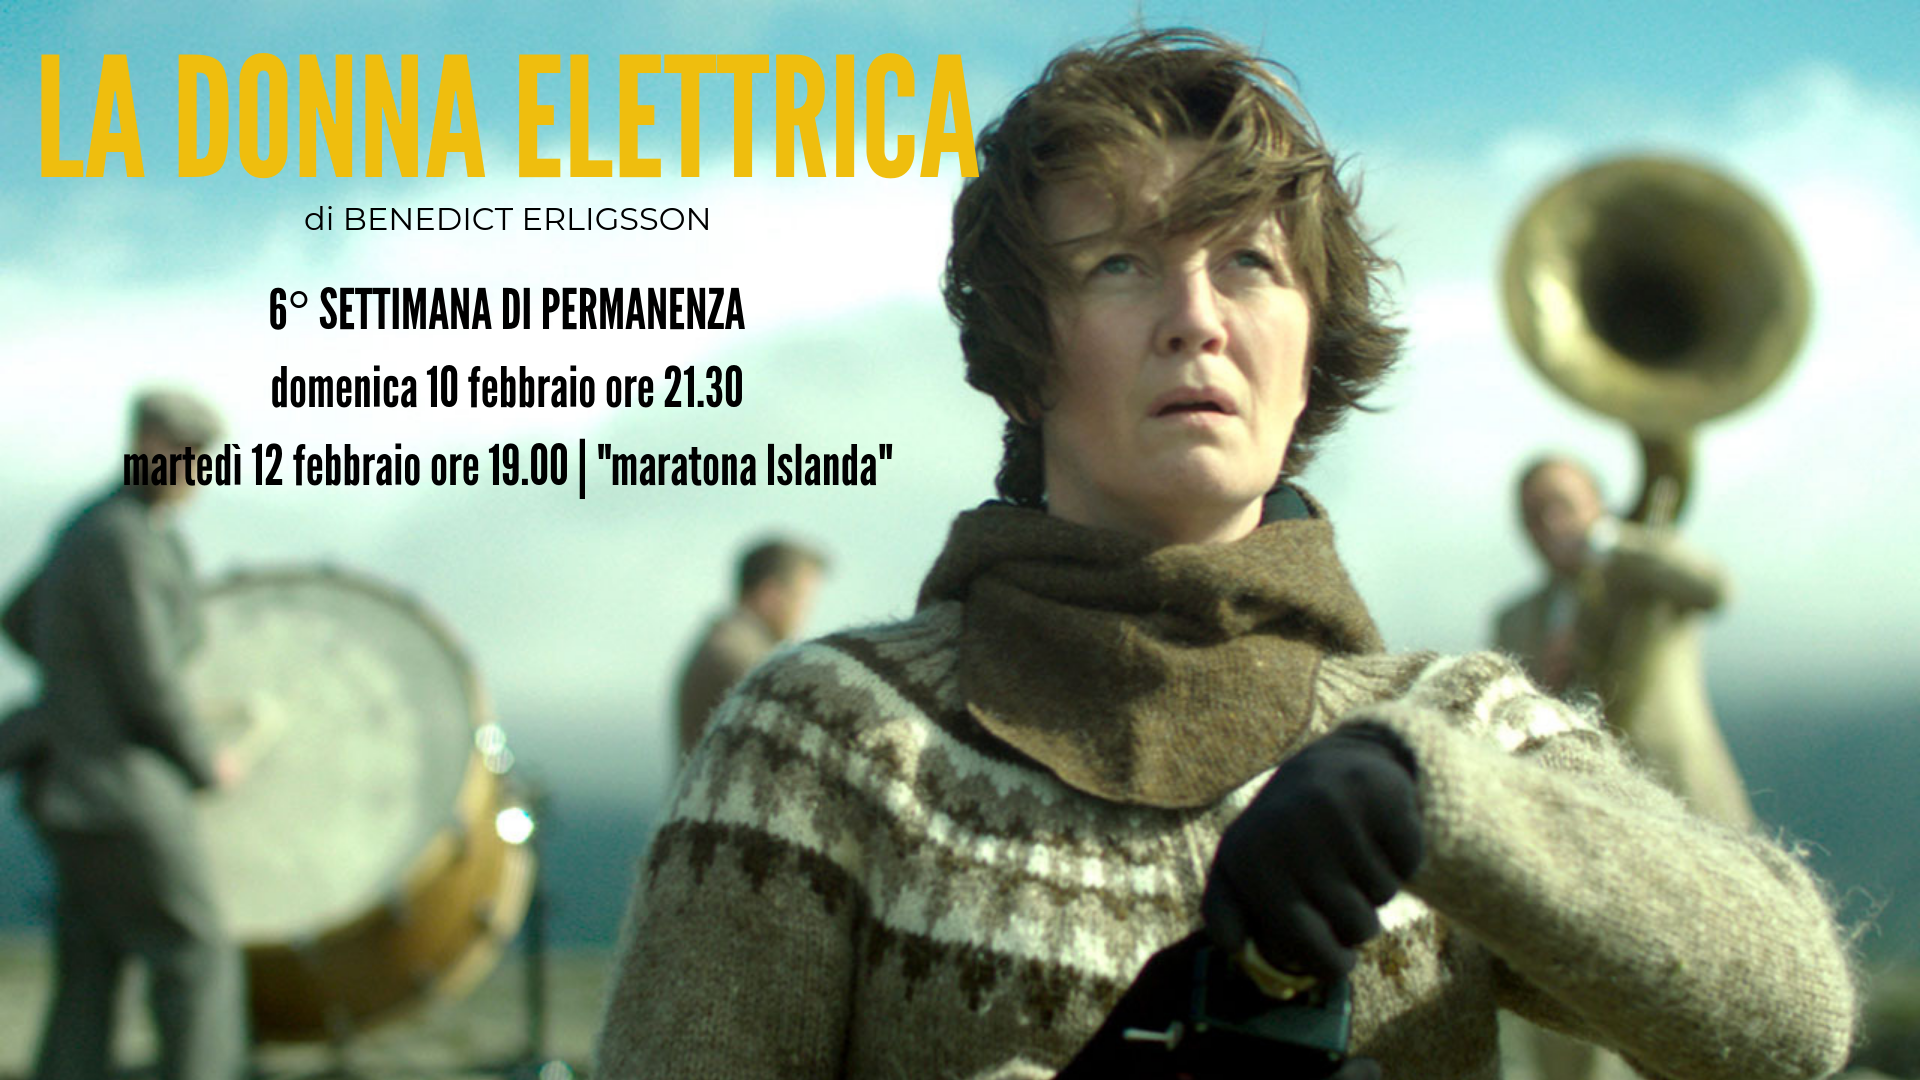 la donna elettrica.cover facebook 2